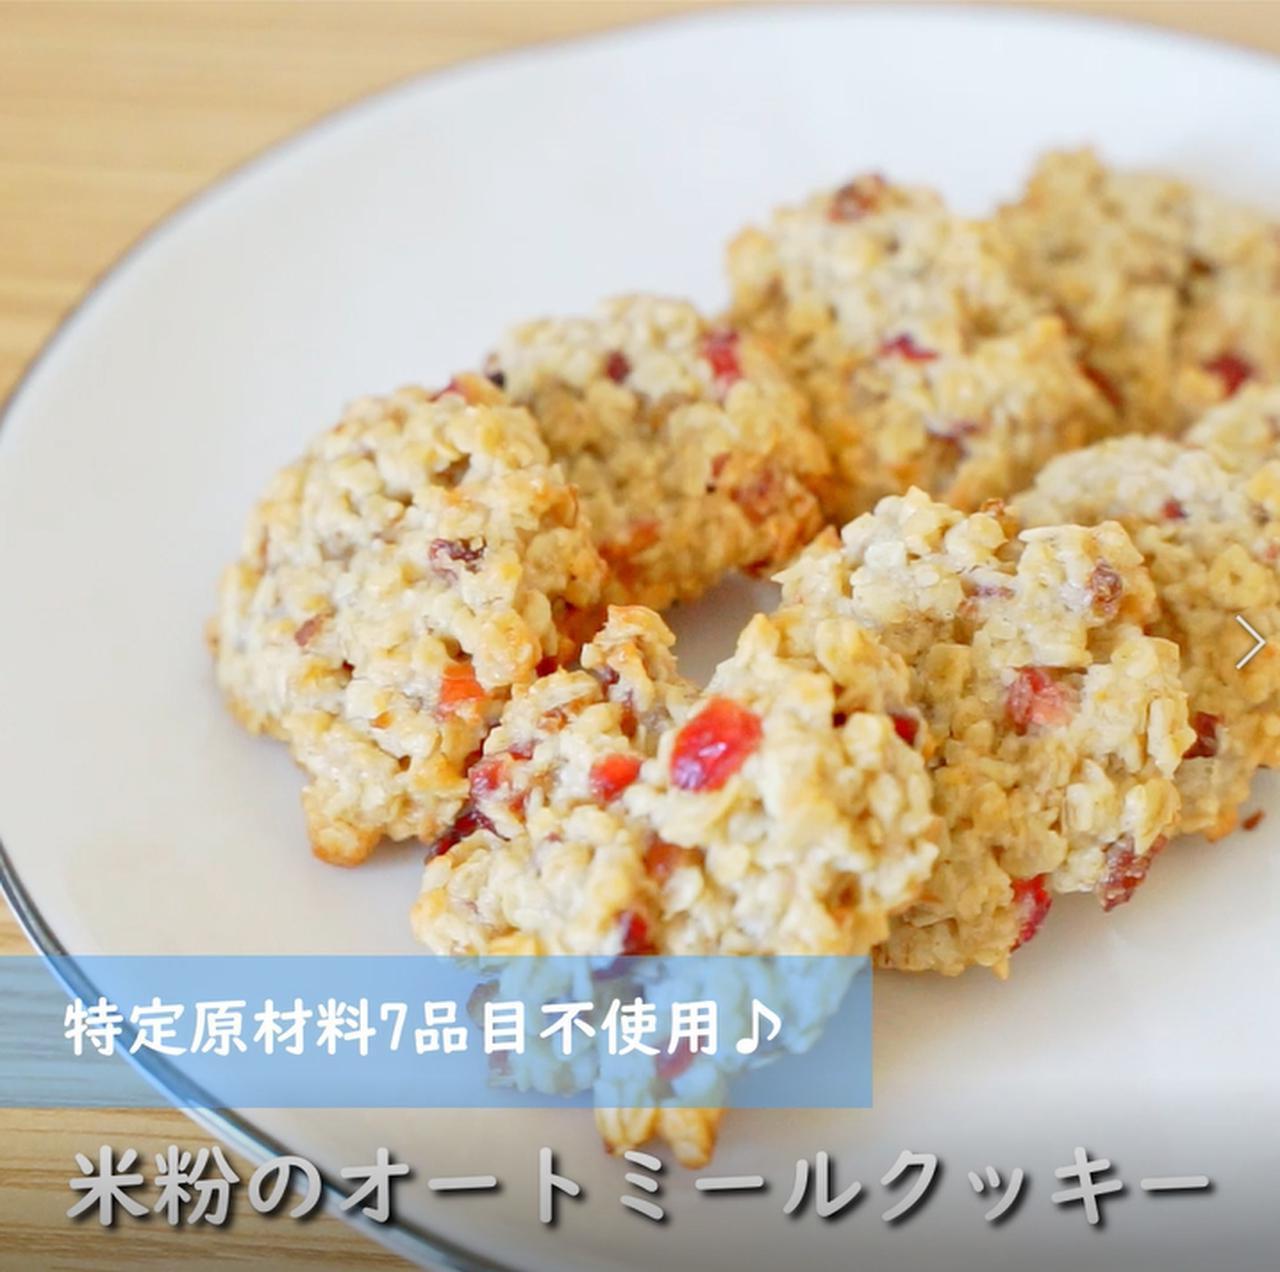 画像: 米粉で作るオートミールクッキー - 君とごはん